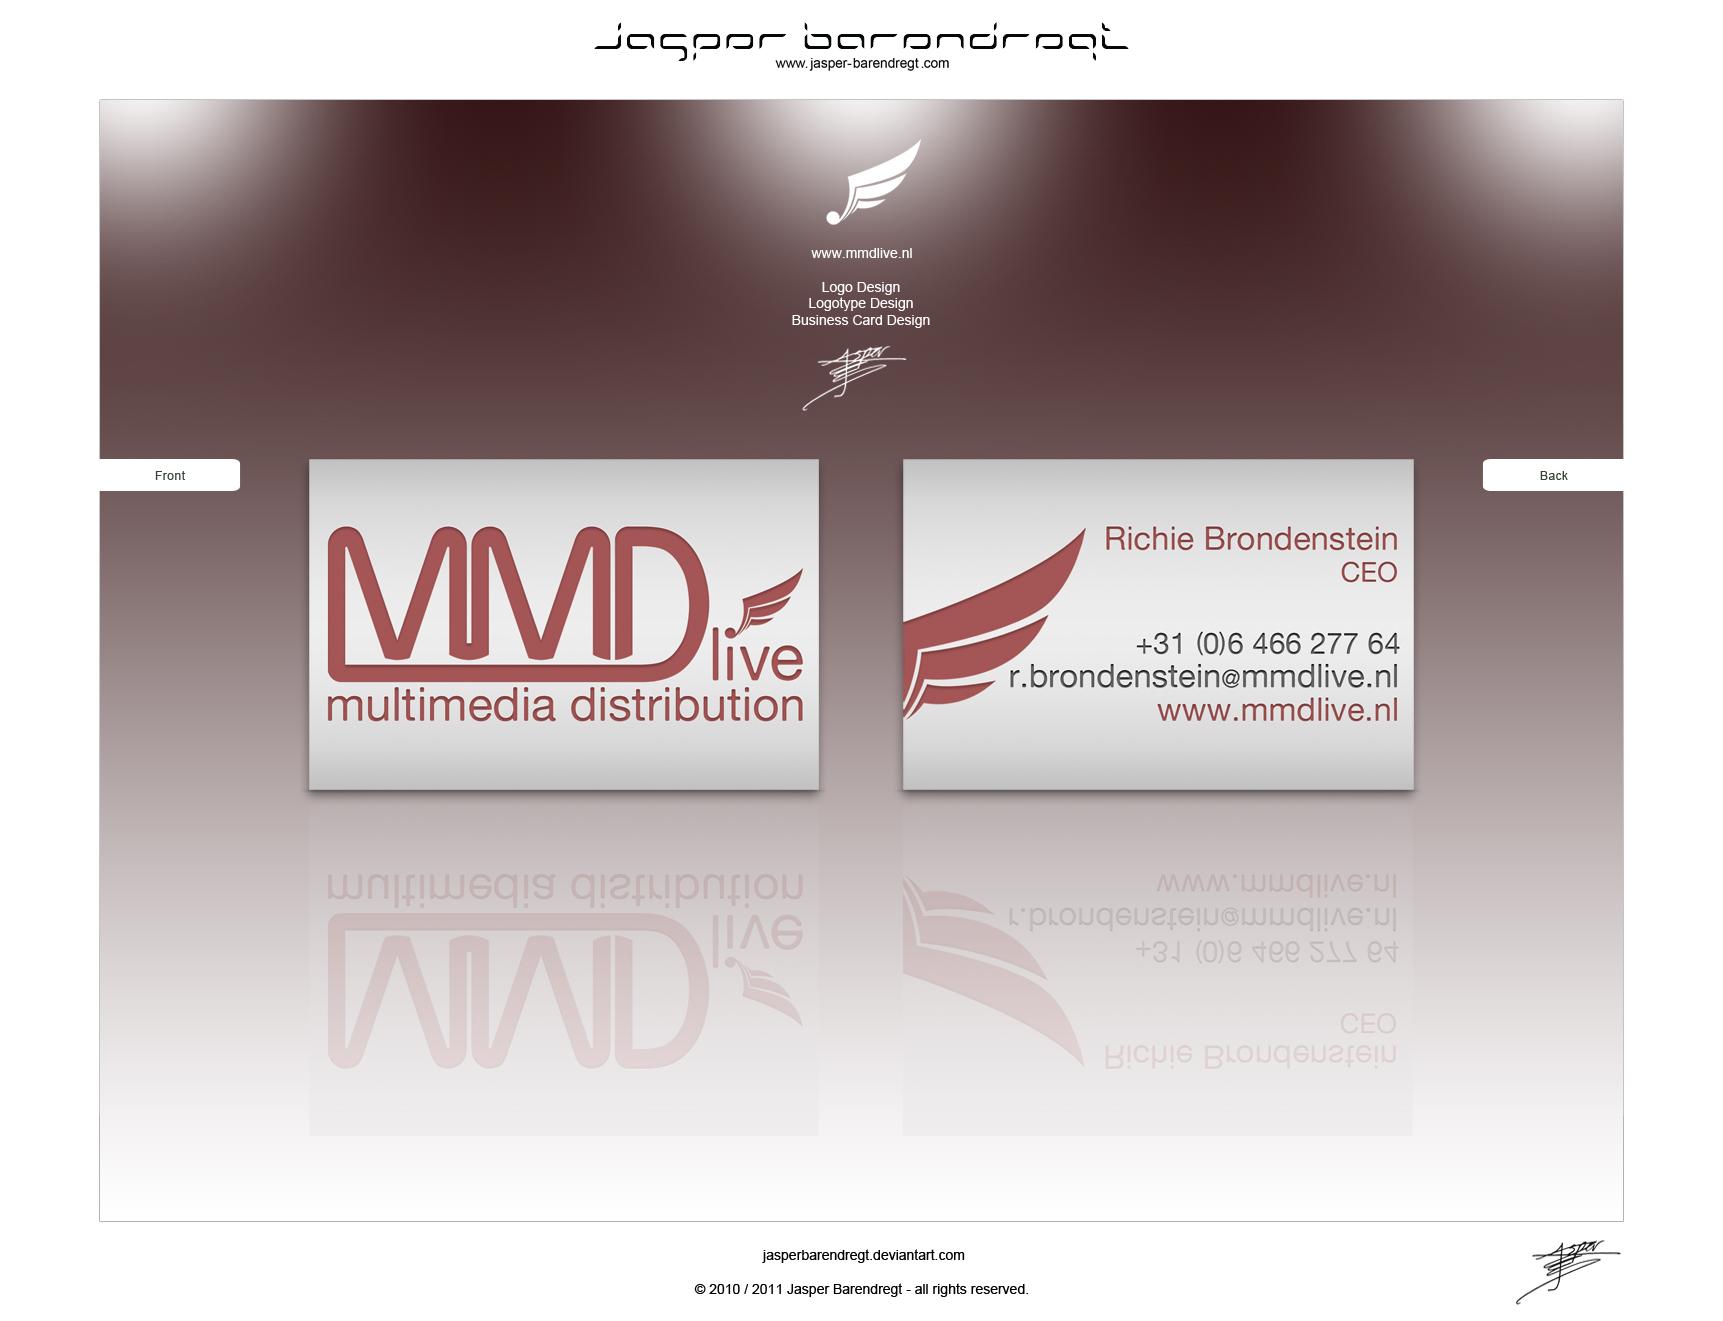 MMDlive BUSINESS CARD DESIGN by JasperBarendregt